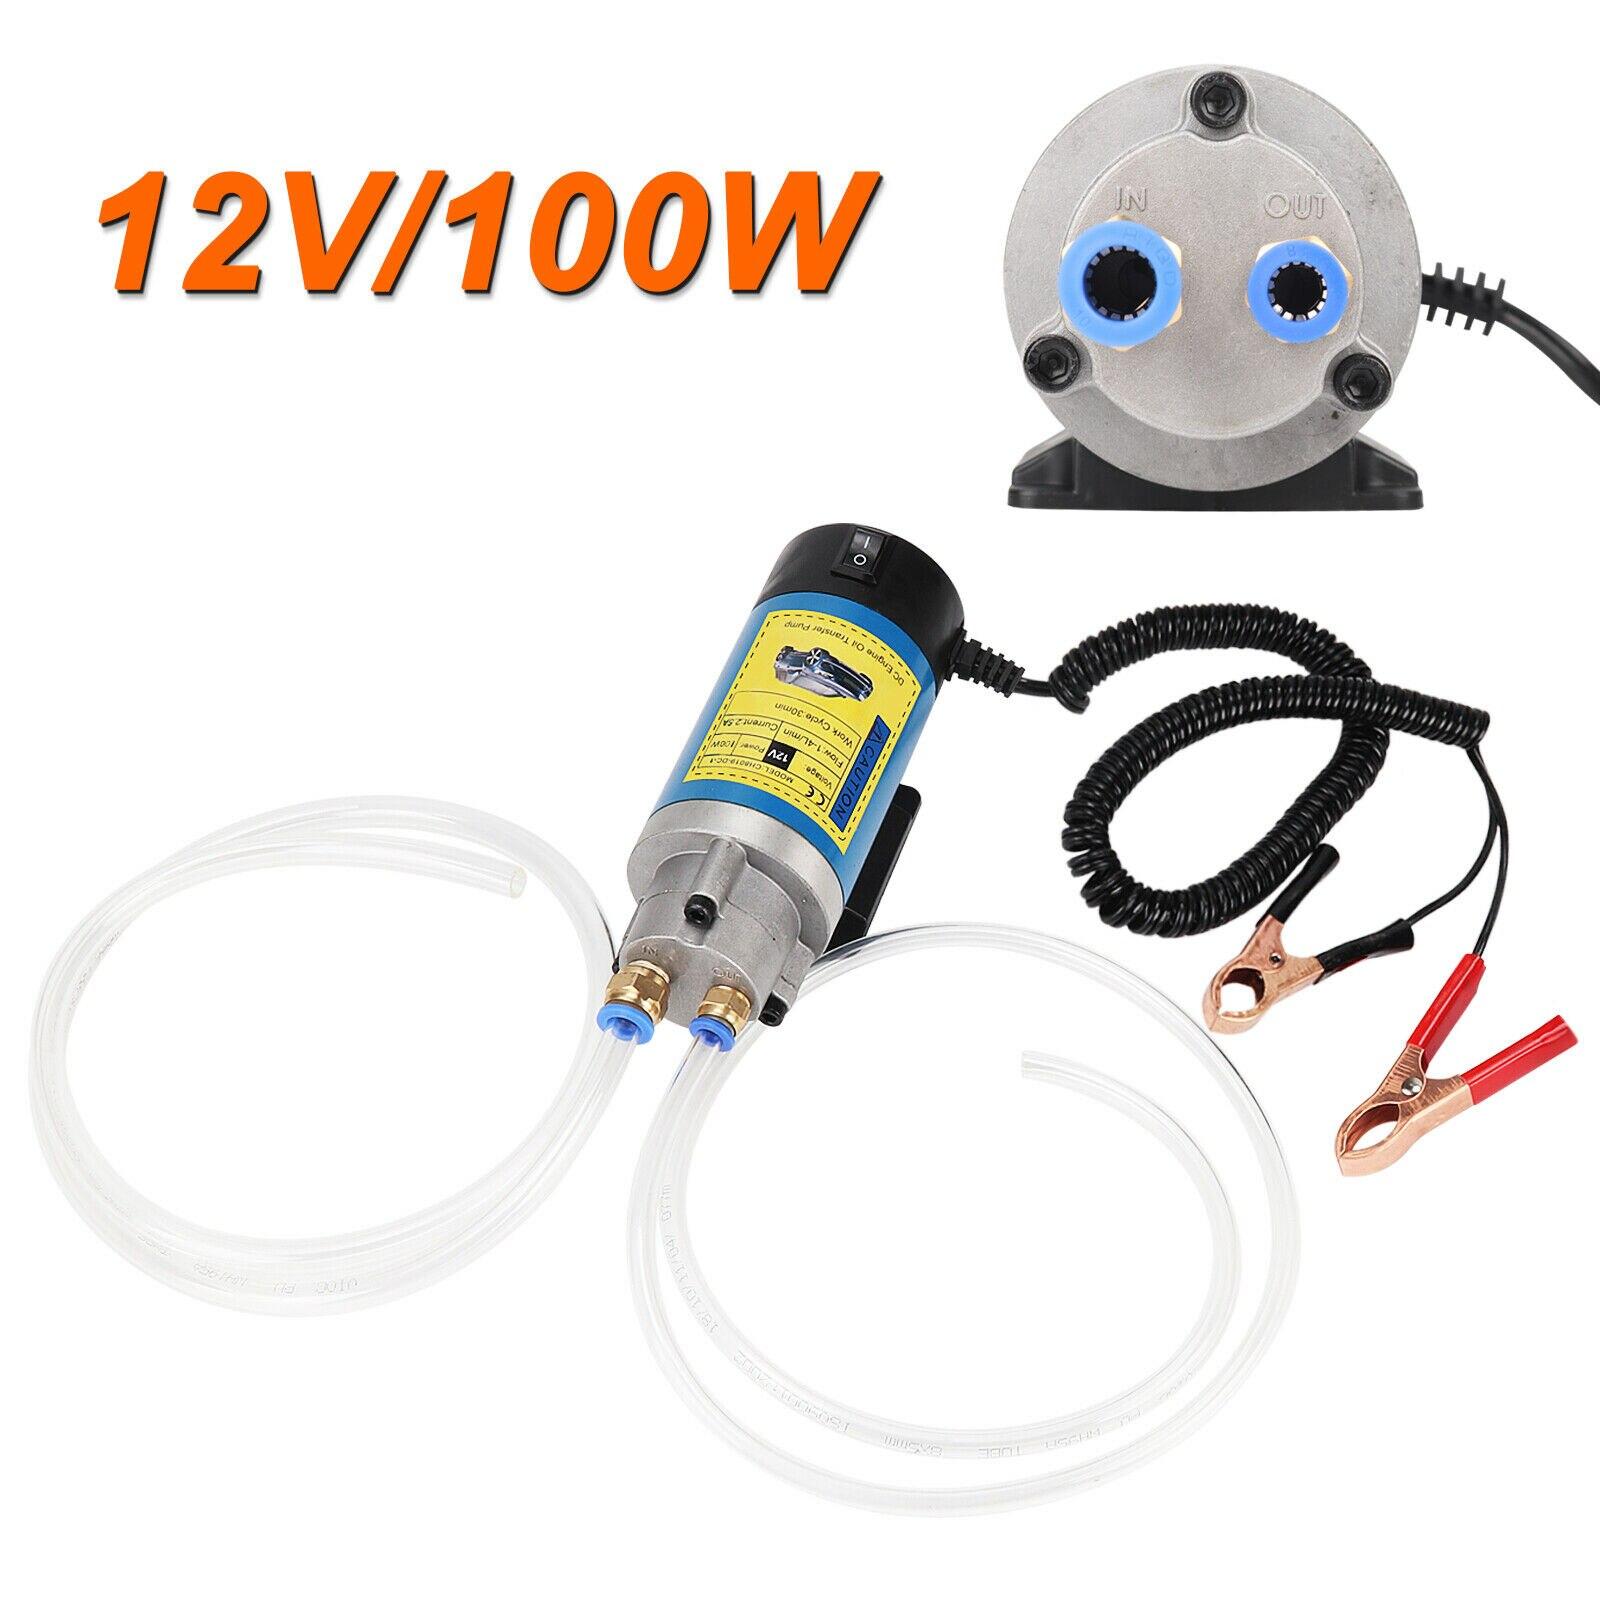 100 ワット 12 V 電動オイル転送抽出流体ディーゼルポンプサイフォン車バイク